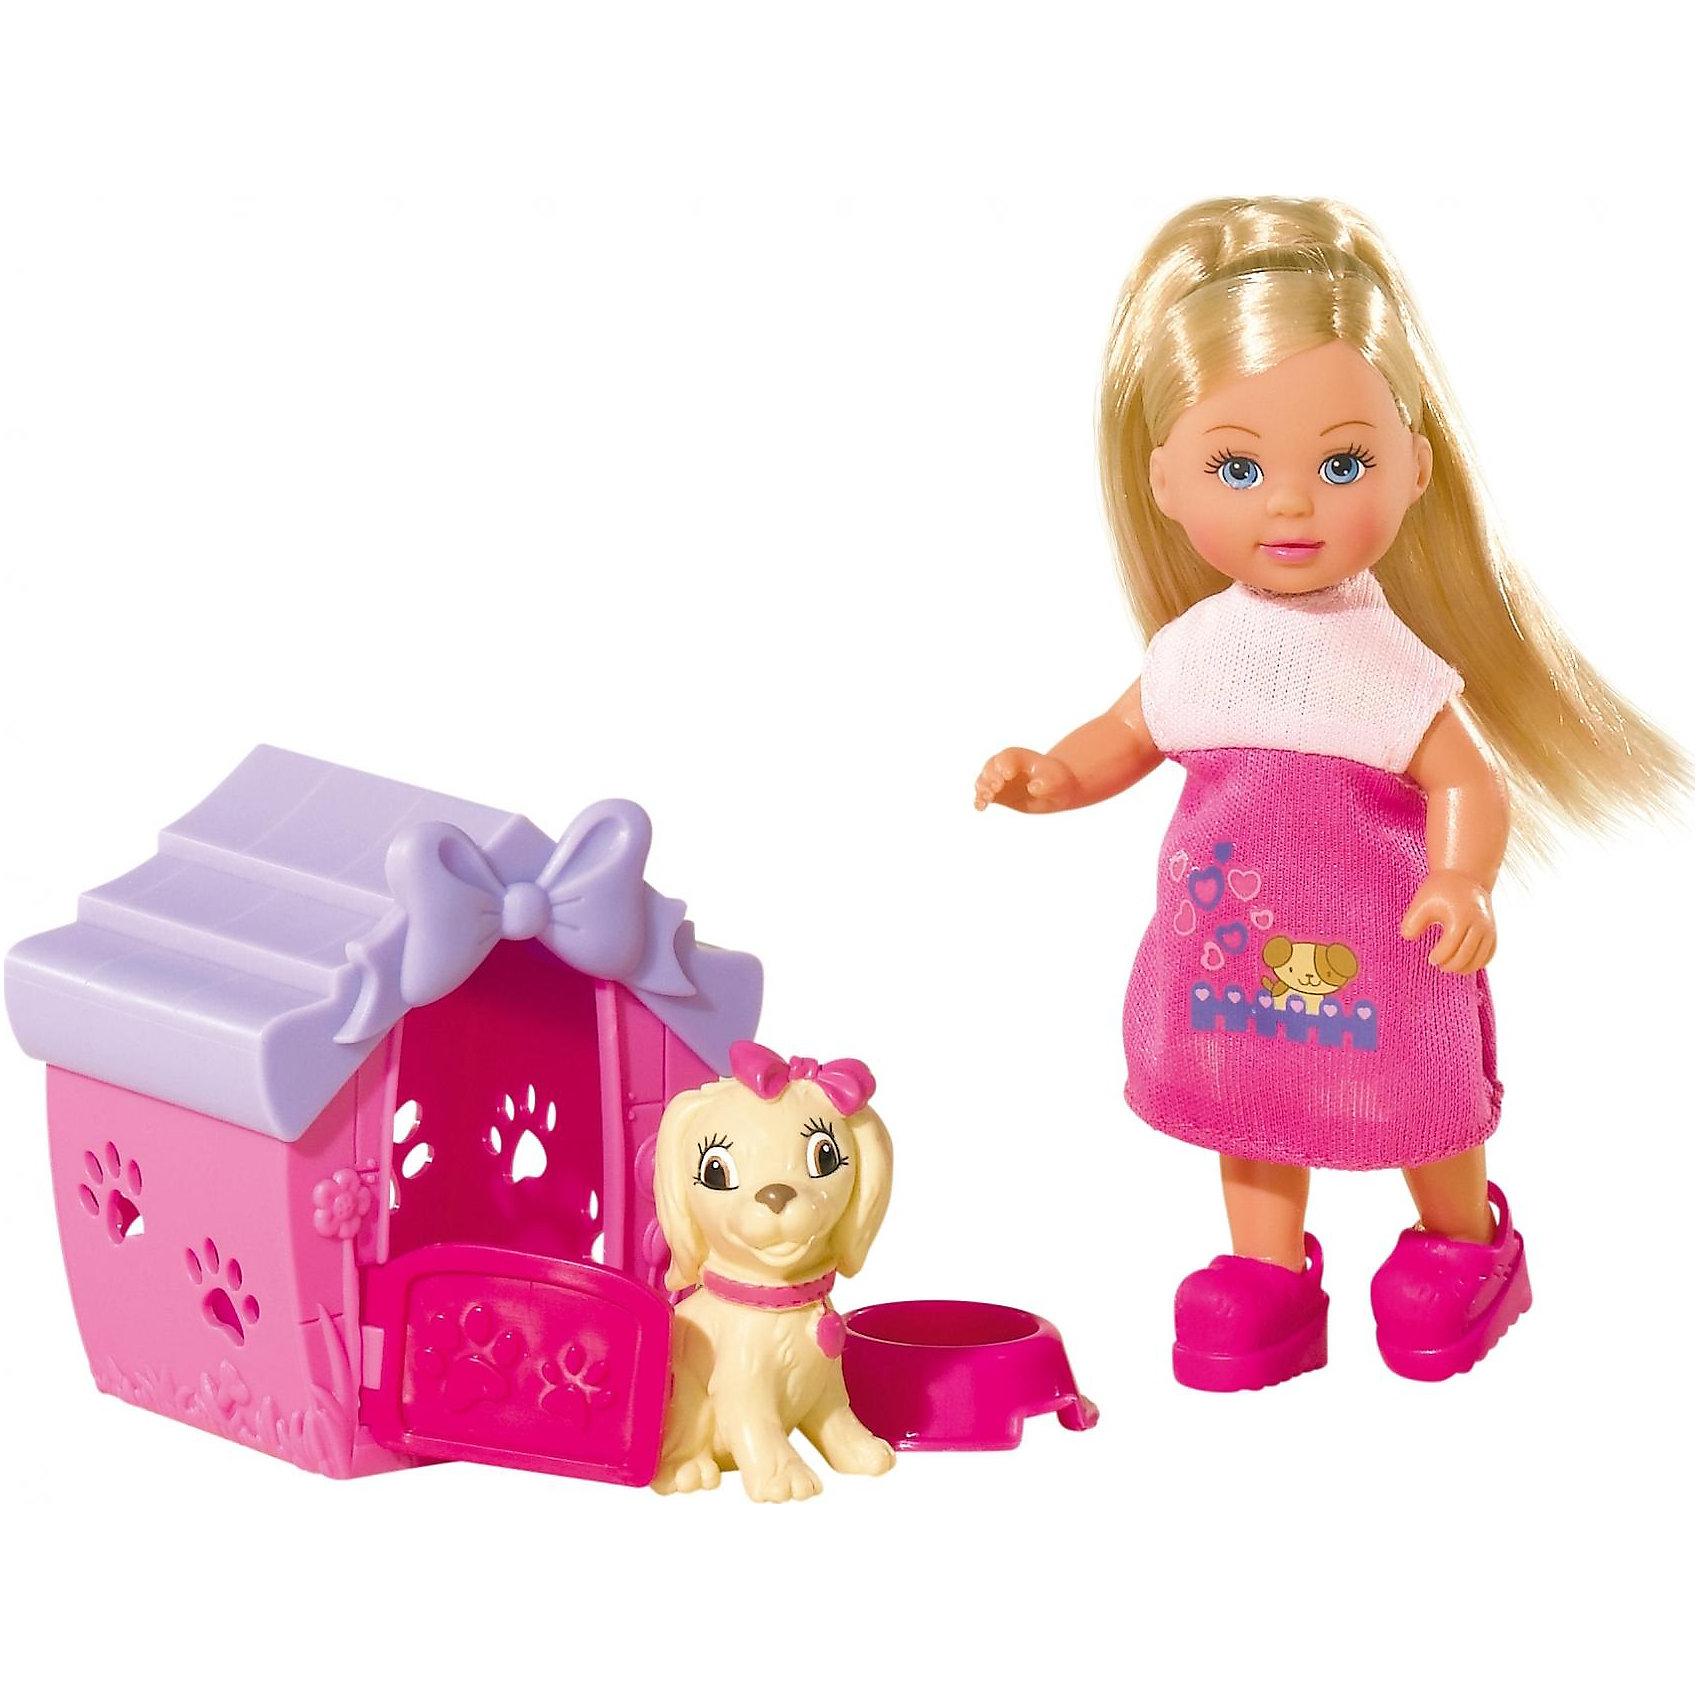 Кукла Еви с собачкой в домике, 12 см, SimbaХарактеристики товара:<br><br>- цвет: разноцветный;<br>- материал: пластик;<br>- возраст: от трех лет;<br>- комплектация: кукла, одежда, фигурка животного, аксессуары;<br>- высота куклы: 12 см.<br><br>Эта симпатичная кукла Еви от известного бренда приводит детей в восторг! Какая девочка сможет отказаться поиграть с куклами, которые дополнены набором в виде домашнего животного и предметов для него?! В набор также входят аксессуары и для игр с куклой. Игрушка очень качественно выполнена, поэтому она станет замечательным подарком ребенку. <br>Продается набор в красивой удобной упаковке. Изделие произведено из высококачественного материала, безопасного для детей.<br><br>Куклу Еви с собачкой в домике от бренда Simba можно купить в нашем интернет-магазине.<br><br>Ширина мм: 60<br>Глубина мм: 120<br>Высота мм: 160<br>Вес г: 160<br>Возраст от месяцев: 36<br>Возраст до месяцев: 120<br>Пол: Женский<br>Возраст: Детский<br>SKU: 5119525